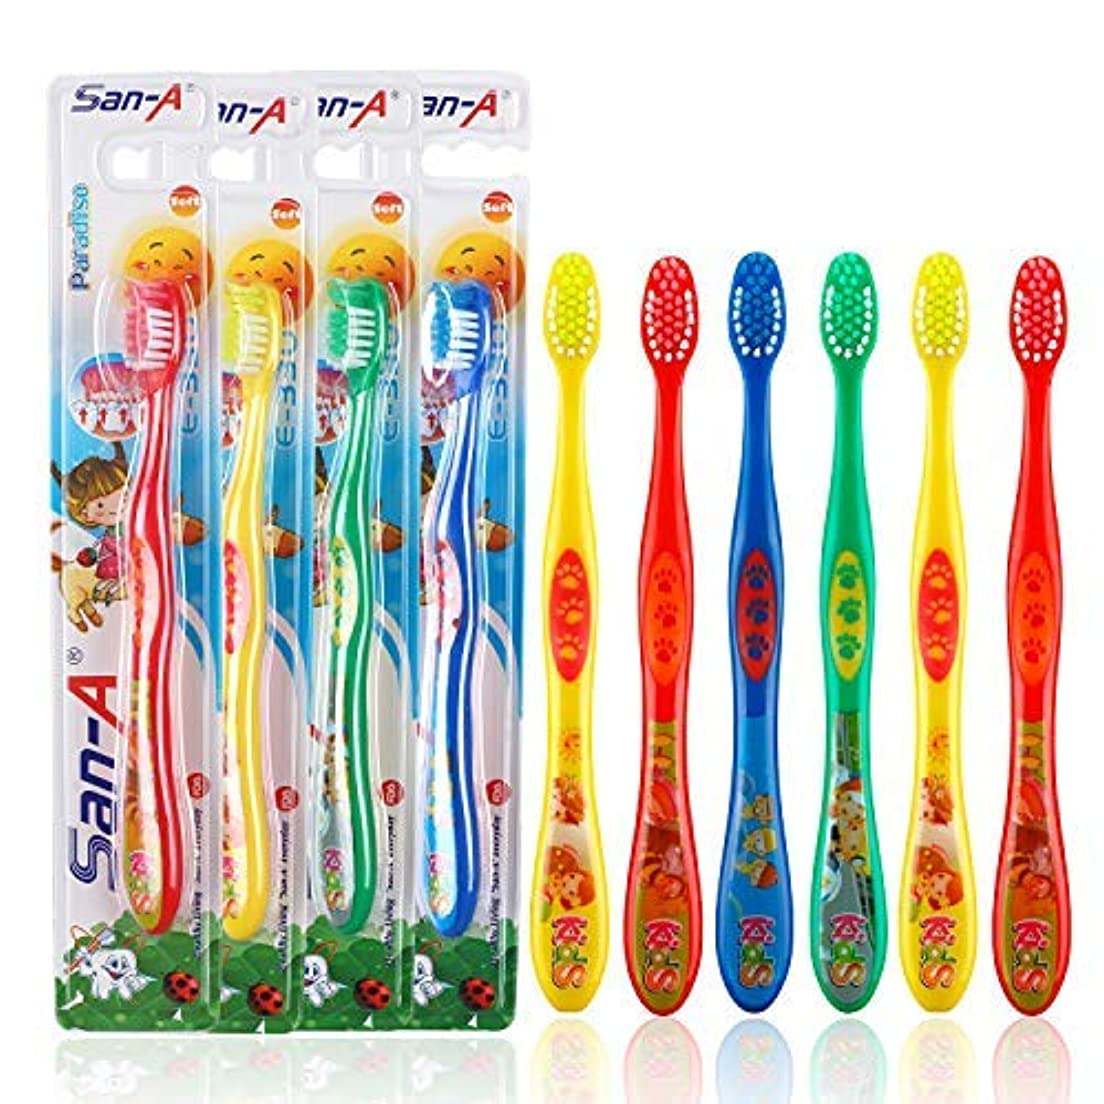 パテ肉の膿瘍Mr. White Kids Toothbrush Featuring Cartoon Design Kids Toothbrush with Soft Bristles for Oral Care (6 Pcs) [並行輸入品]